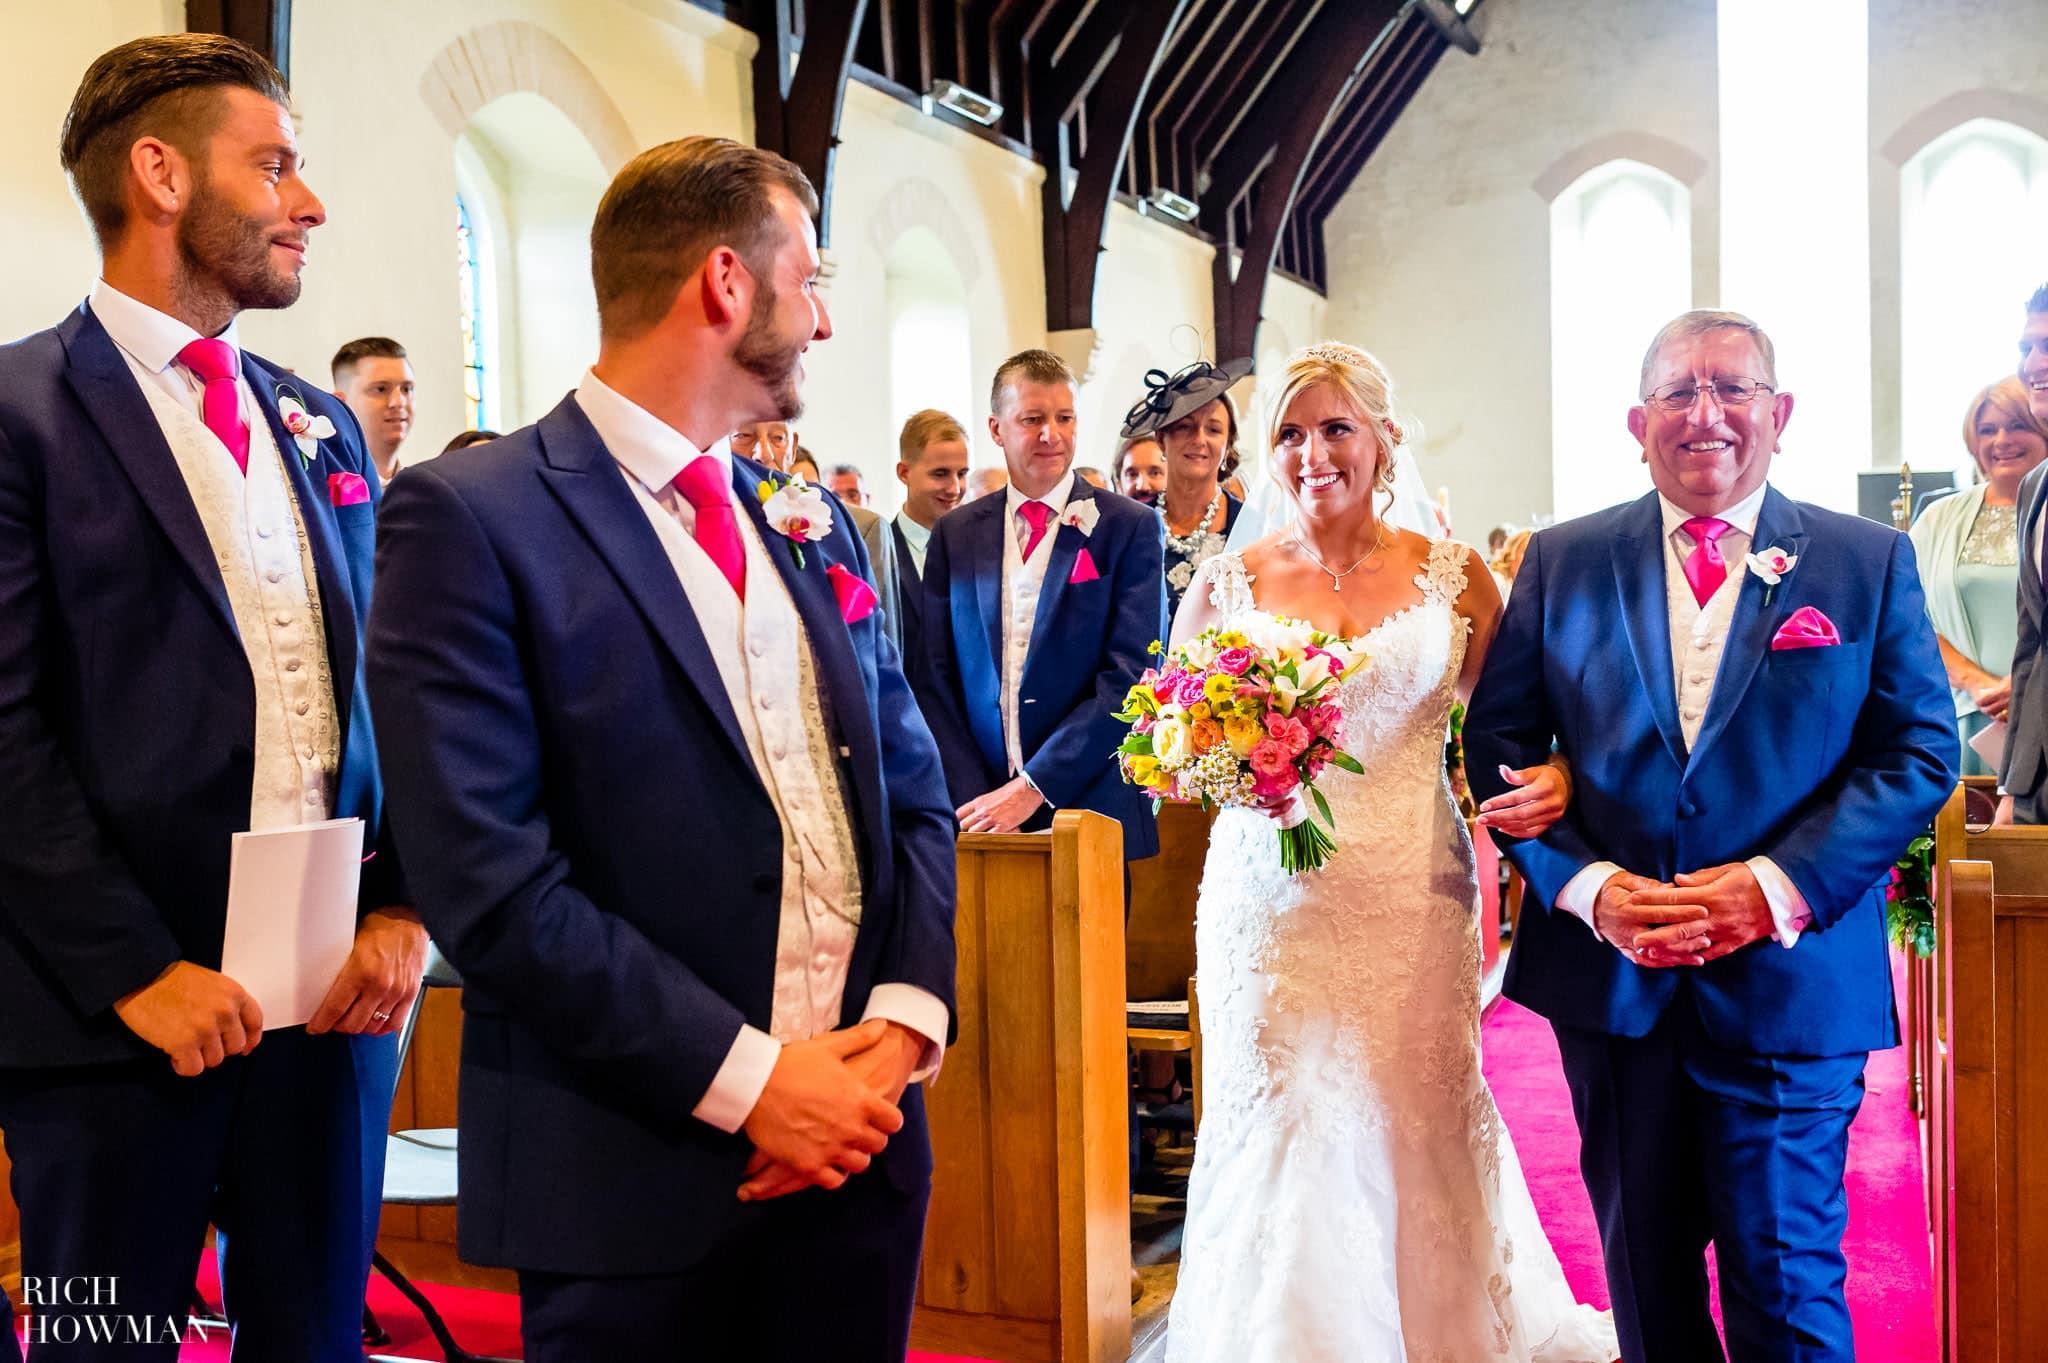 Llanerch Vineyard Wedding Photography by Rich Howman 26